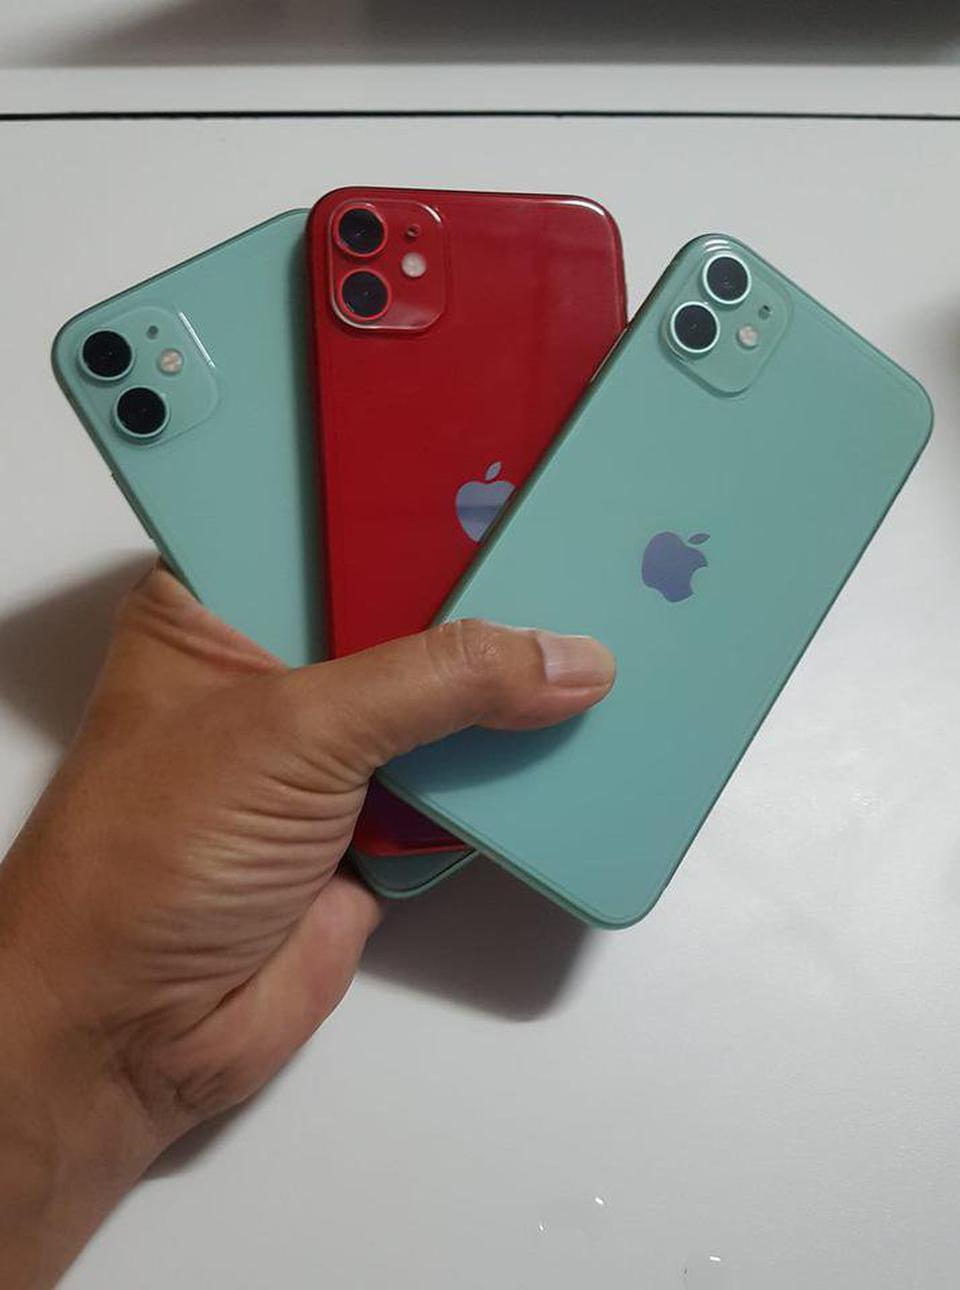 รับซื้อมือถือ iphone และ ipad ทุกรุ่น ราคาดีเครื่องติดล็อคเราก็รับซื้อ รูปที่ 1